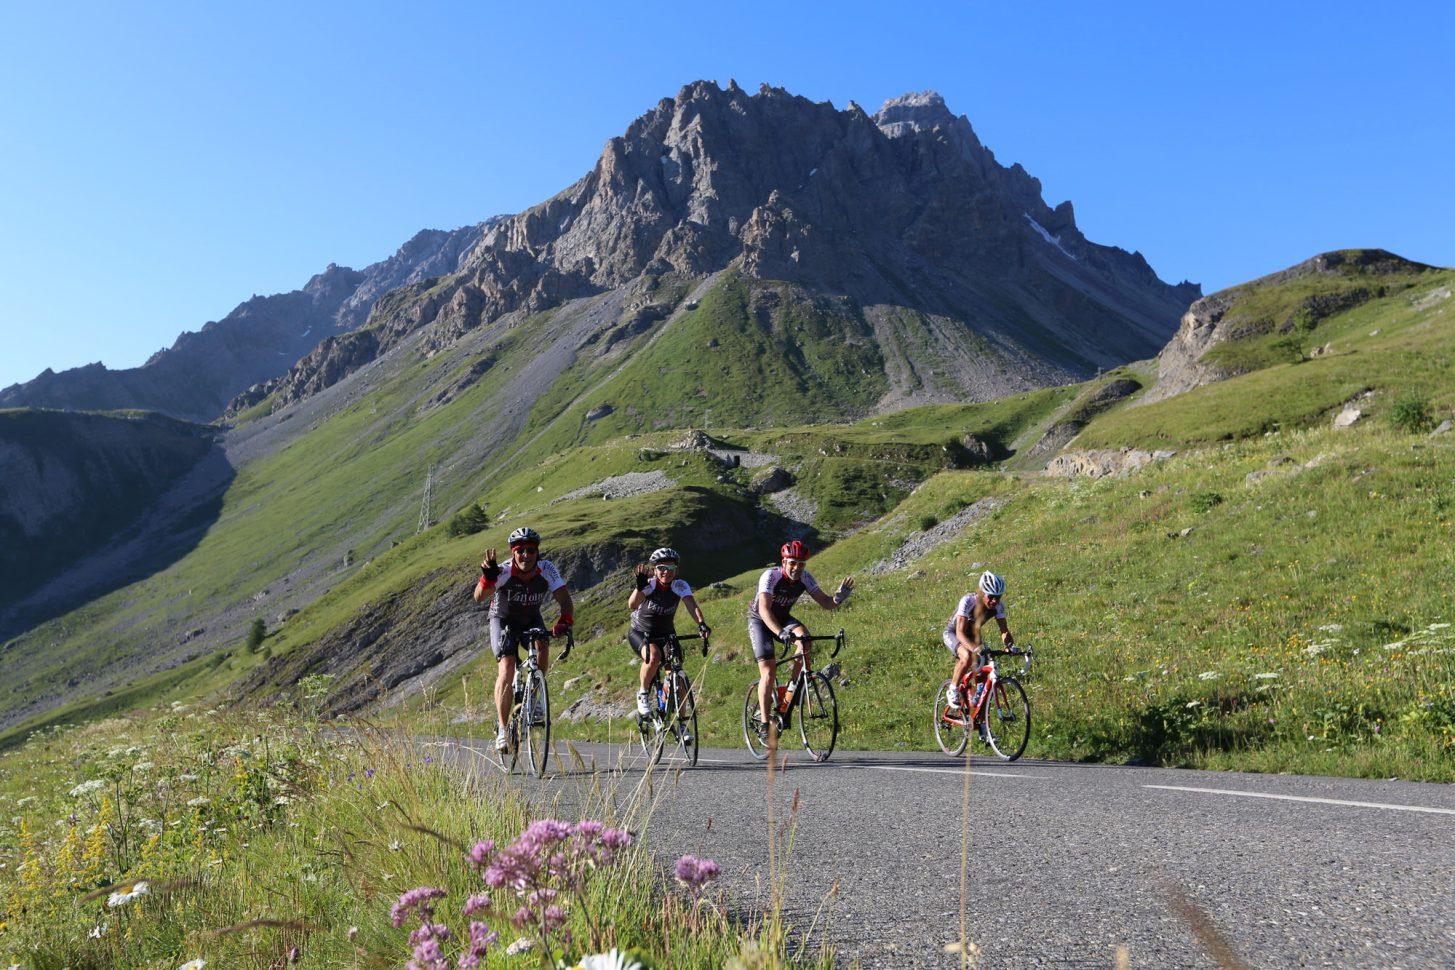 Groupe de cycliste dans la montée du col du Galibier, côté Valloire